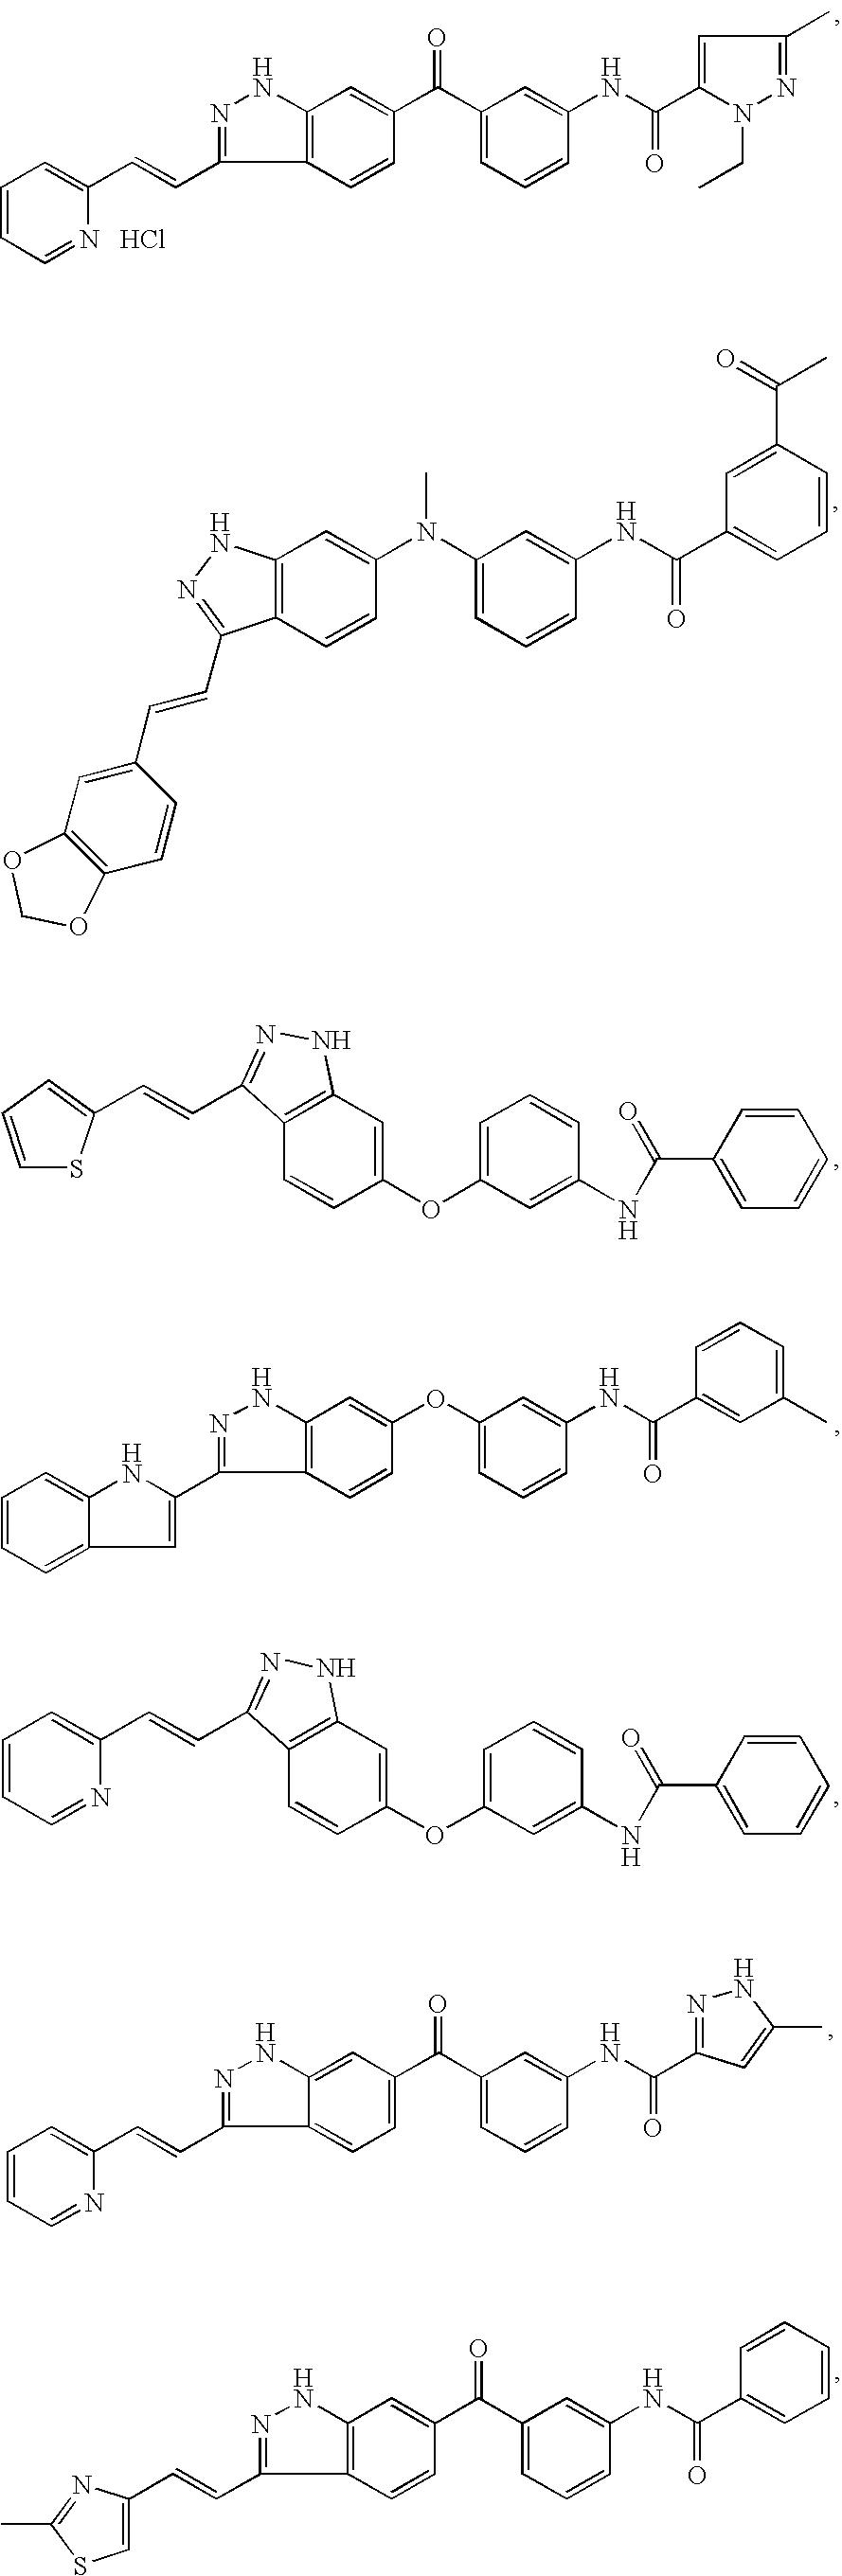 Figure US07141581-20061128-C00008